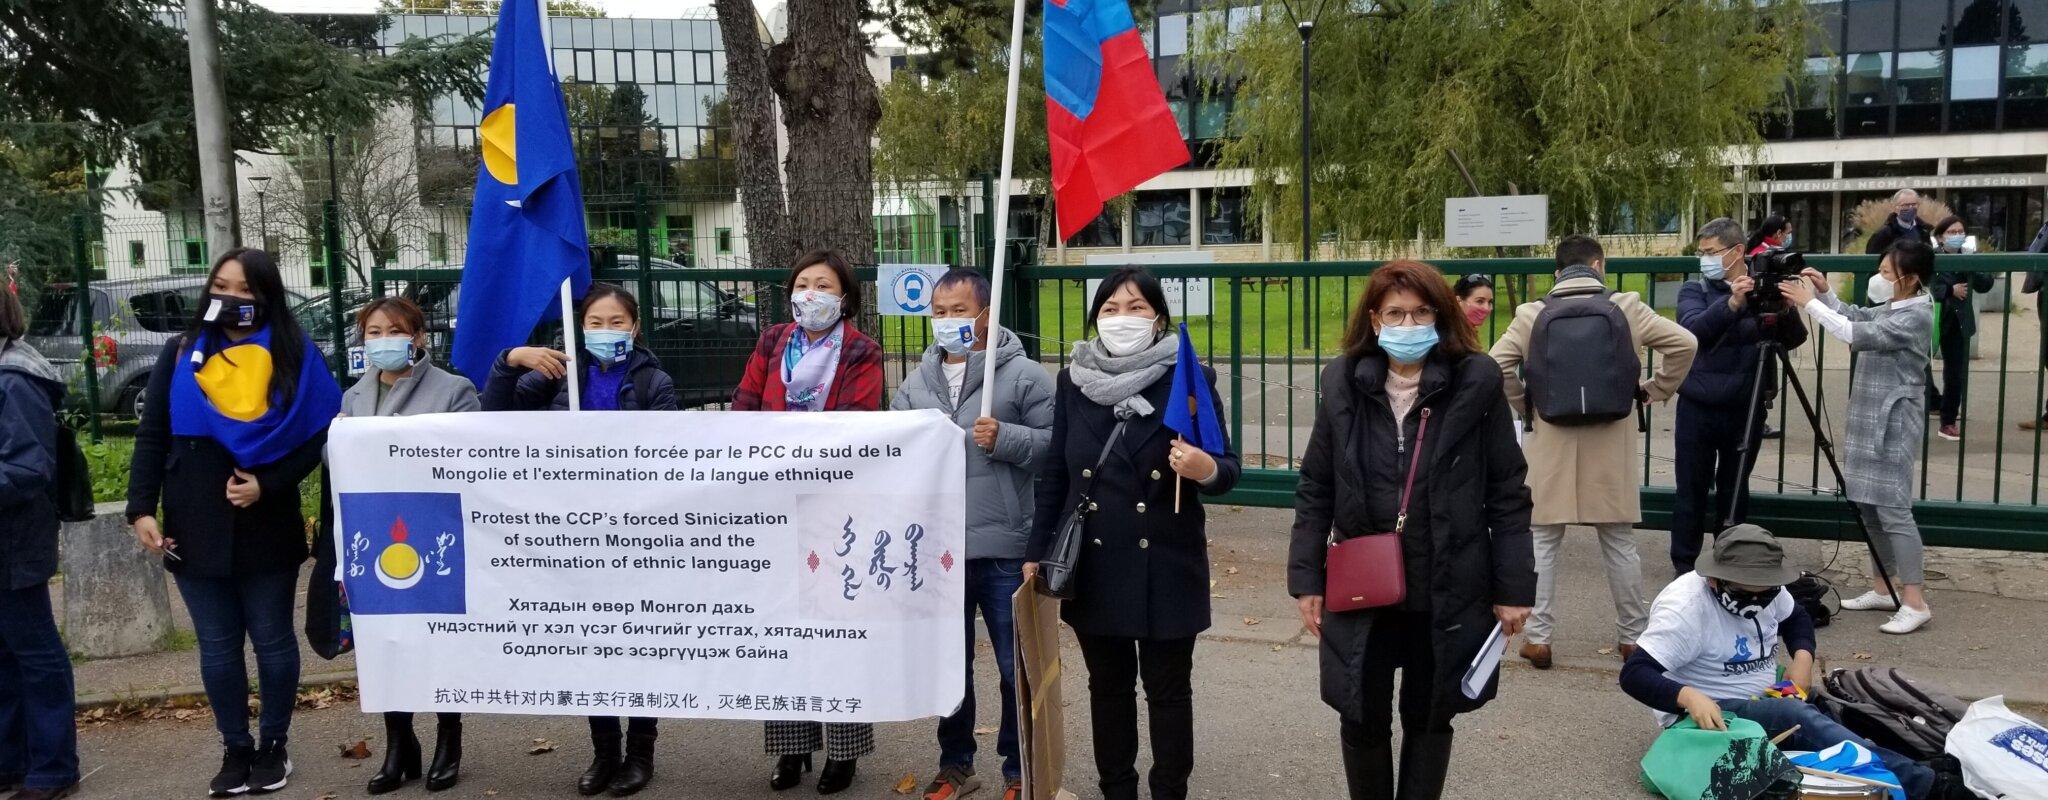 Manifestation contre l'implantation de l'entreprise Huawei à Brumath et les Instituts Confucius jeudi